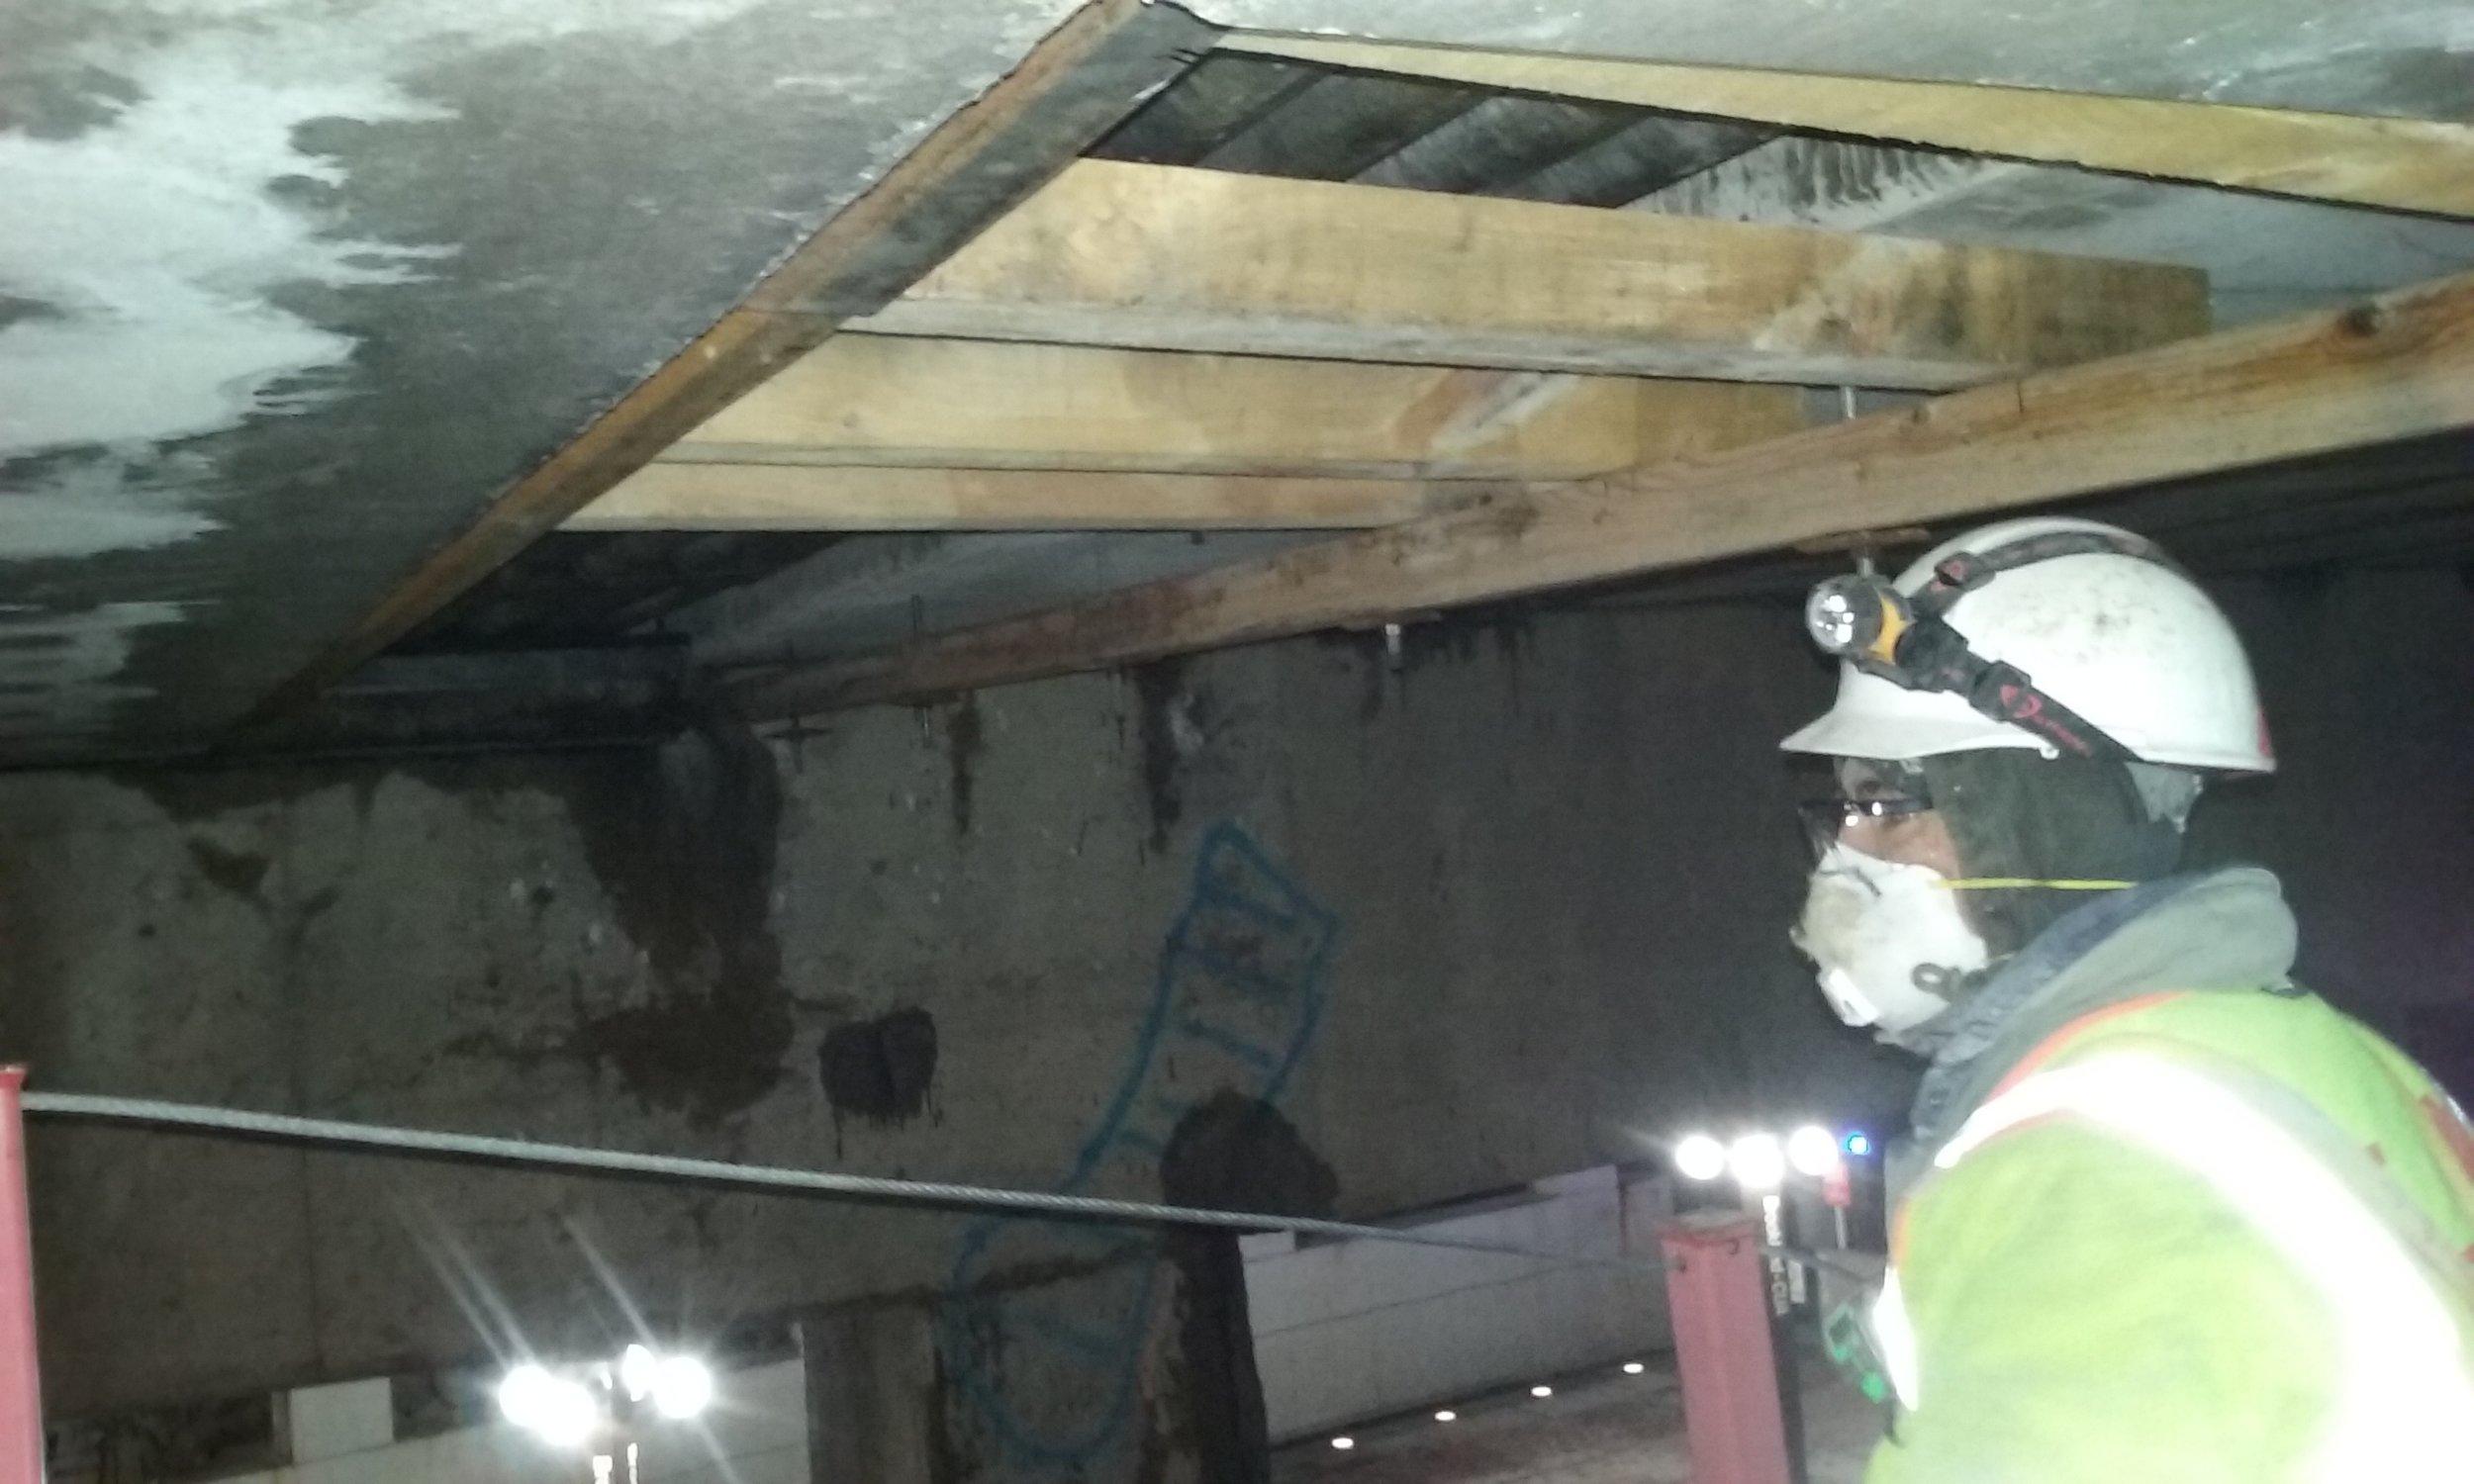 Utility support installation under the bridge